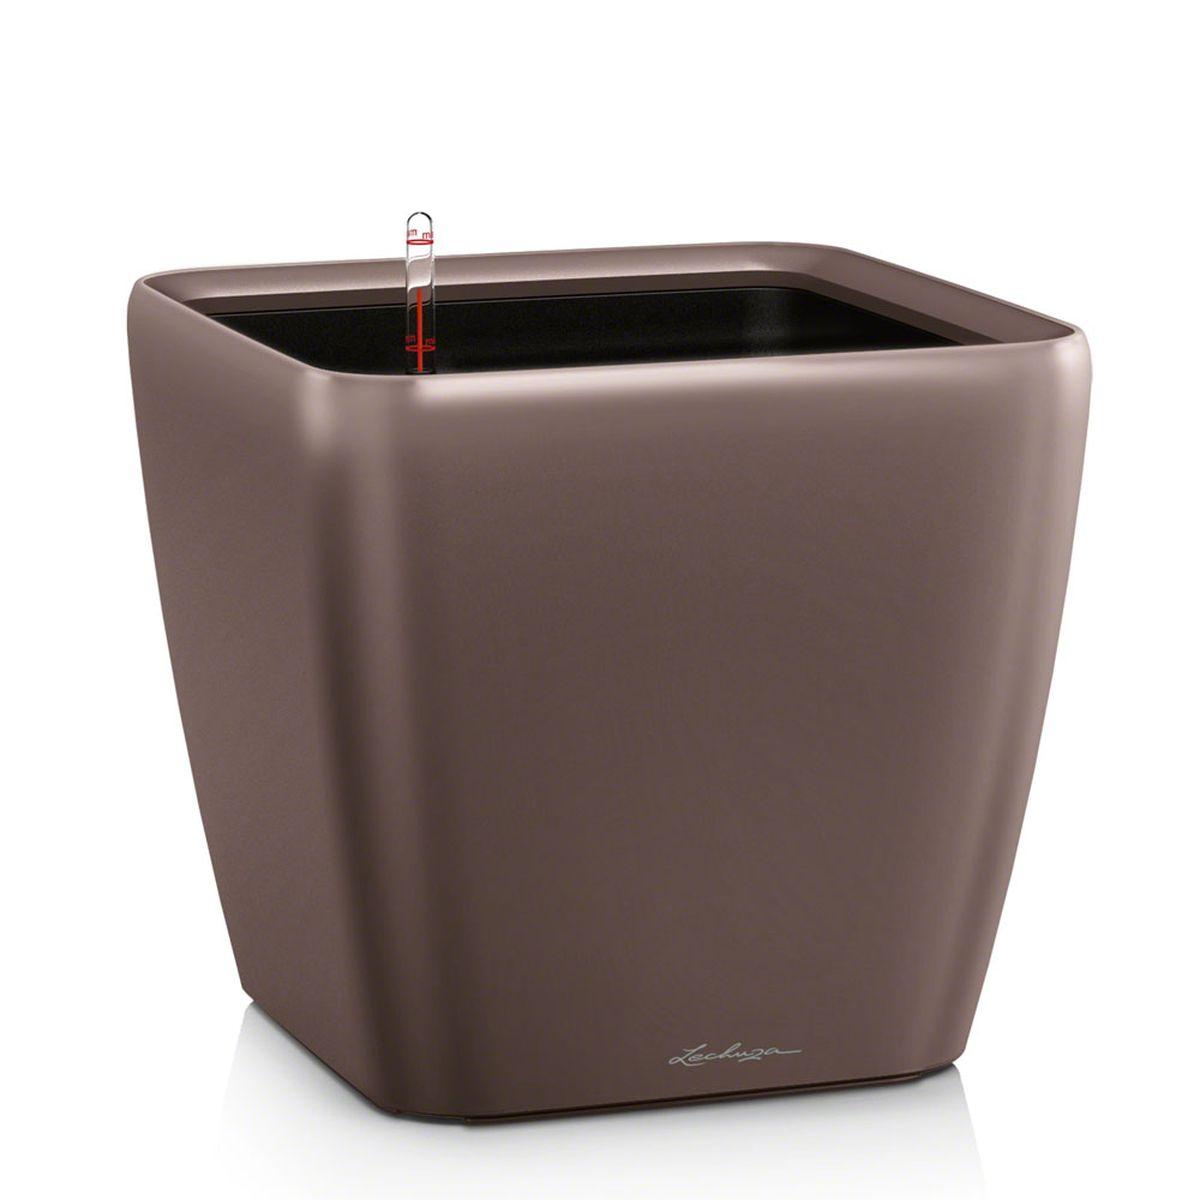 Кашпо Lechuza Quadro, с системой автополива, цвет: эспрессо, 43 х 43 х 40 смKOC_SOL249_G4Кашпо Lechuza Quadro, выполненное из высококачественного пластика, имеет уникальную систему автополива, благодаря которой корневая система растения непрерывно снабжается влагой из резервуара. Уровень воды в резервуаре контролируется с помощью специального индикатора. В зависимости от размера кашпо и растения воды хватает на 2-12 недель. Это способствует хорошему росту цветов и предотвращает переувлажнение.В набор входит: кашпо, внутренний горшок, индикатор уровня воды, вал подачи воды, субстрат растений в качестве дренажного слоя, резервуар для воды. Кашпо Lechuza Quadro прекрасно впишется в любой интерьер. Оно поможет расставить нужные акценты, а также придаст помещению вид, соответствующий вашим представлениям.